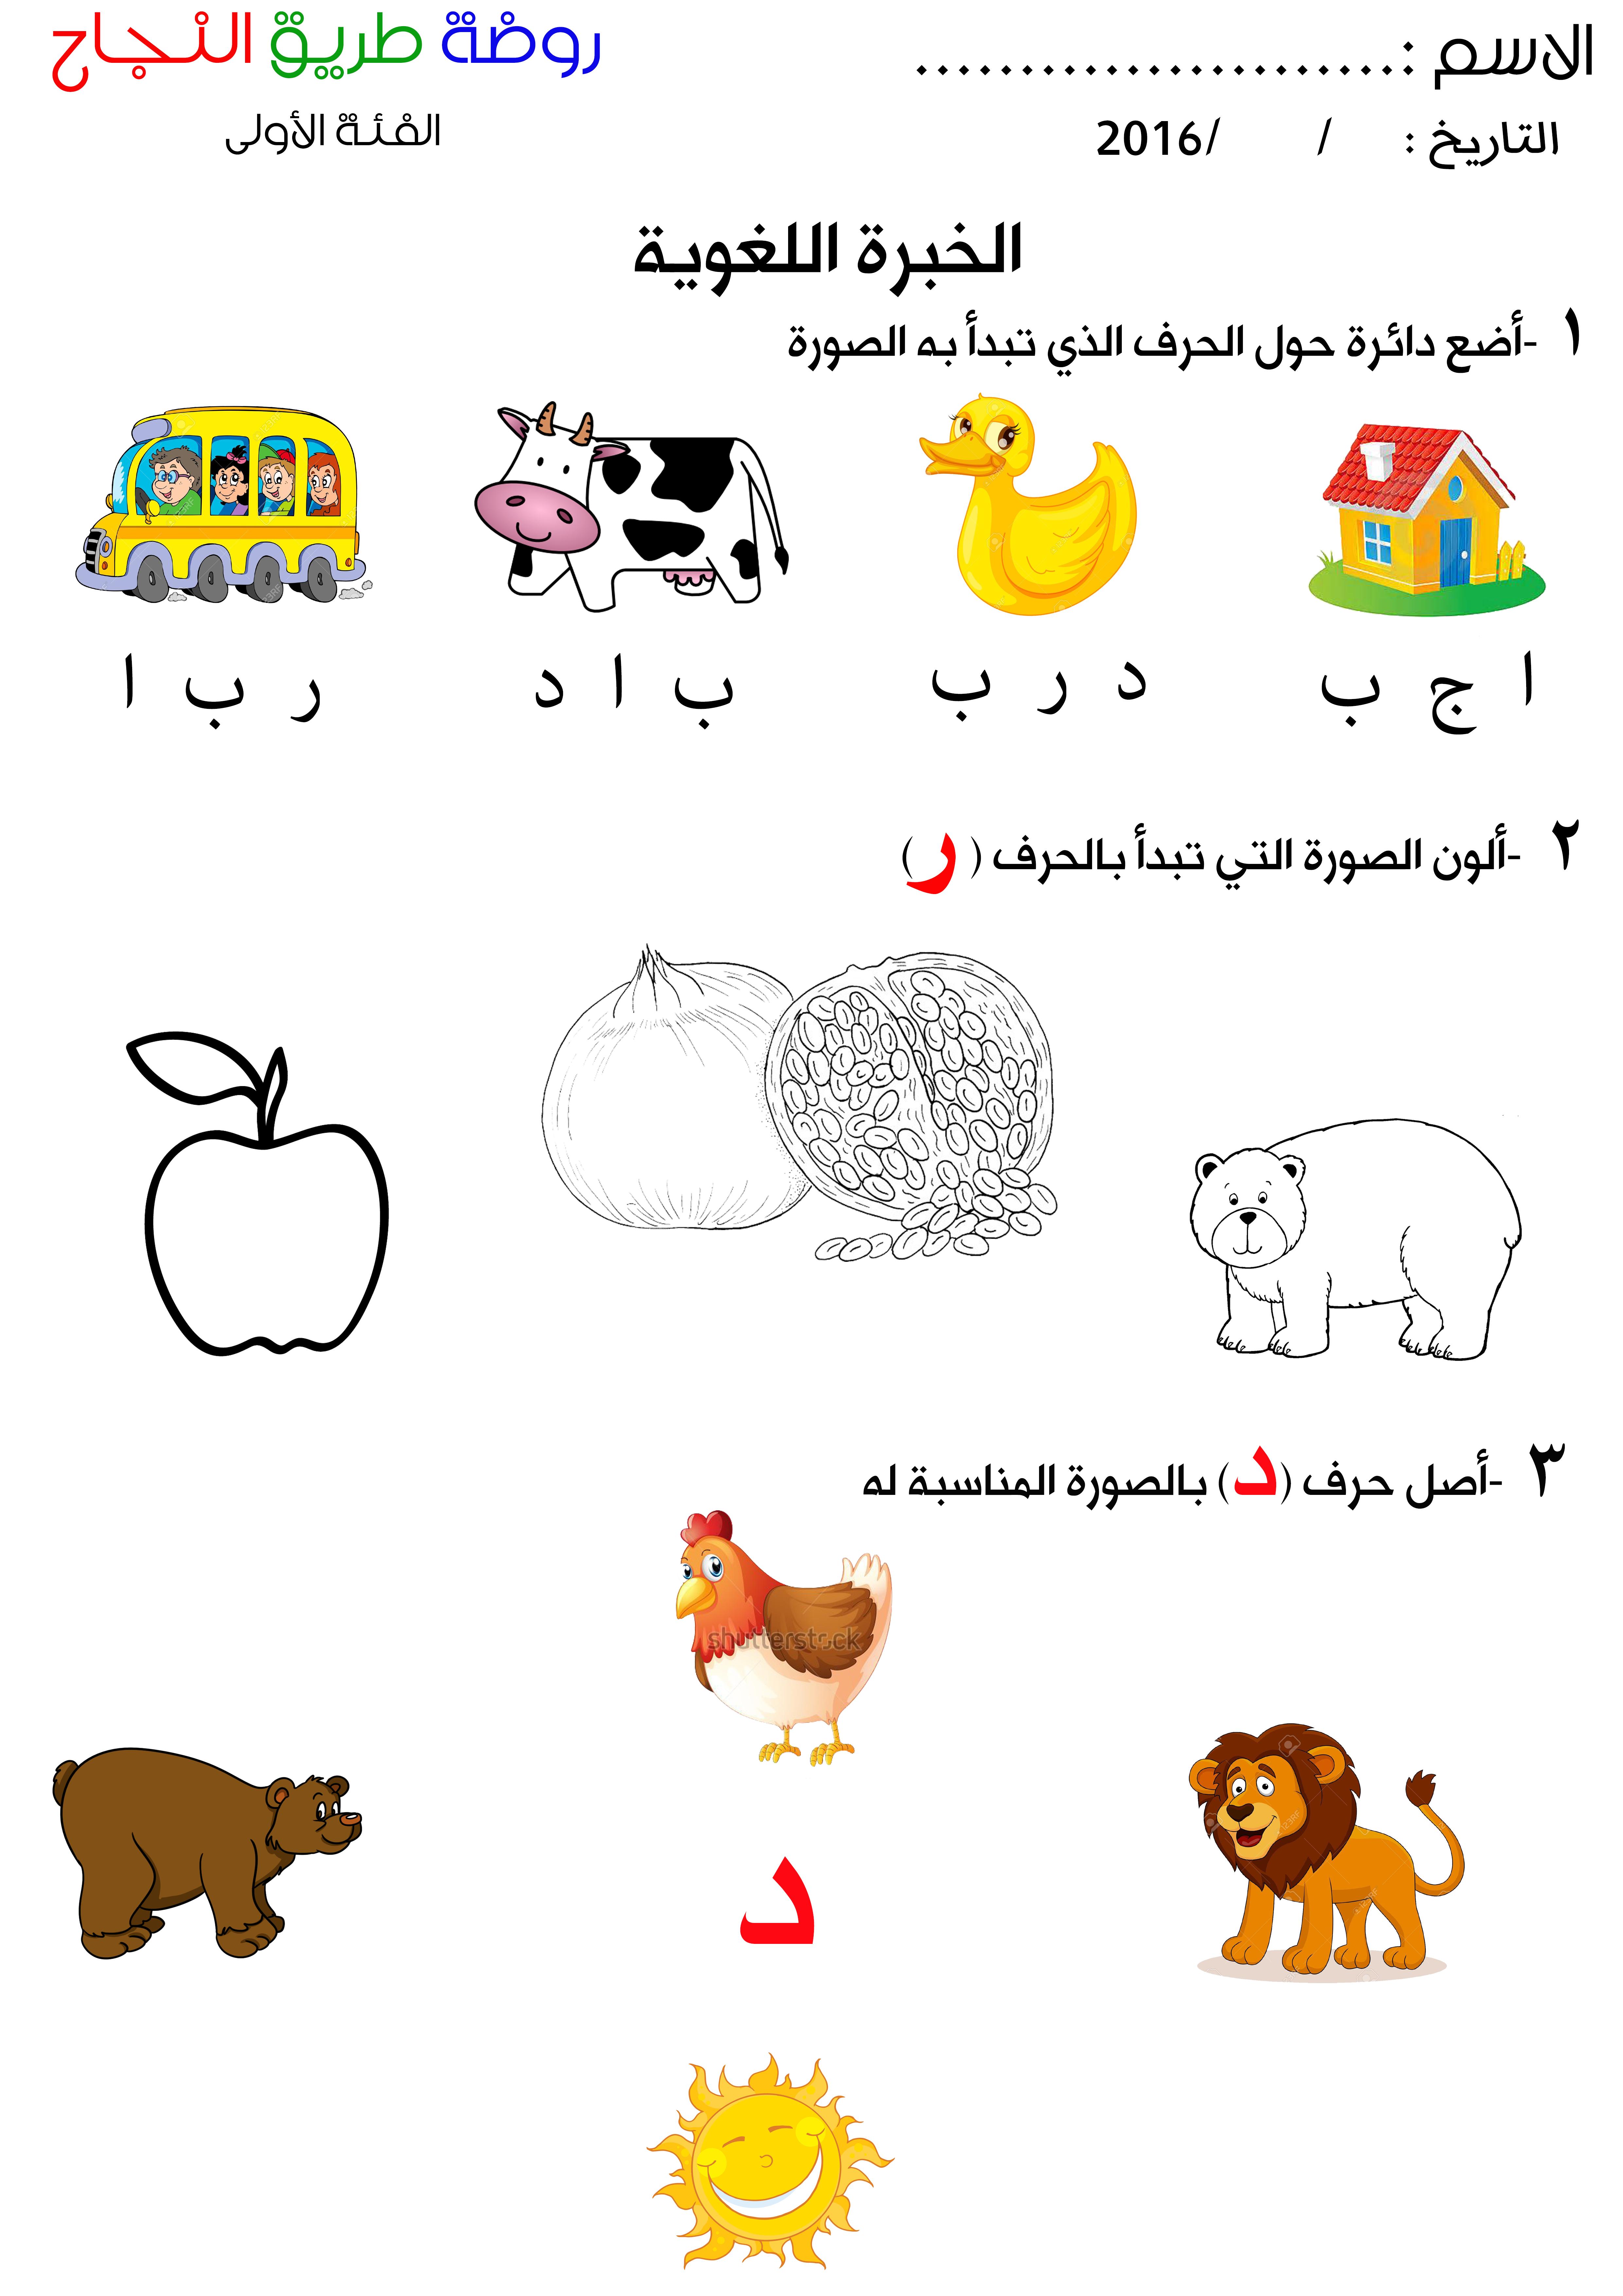 خبرة لغوية طفولة 1 صفحة 1 Character Snoopy Fictional Characters